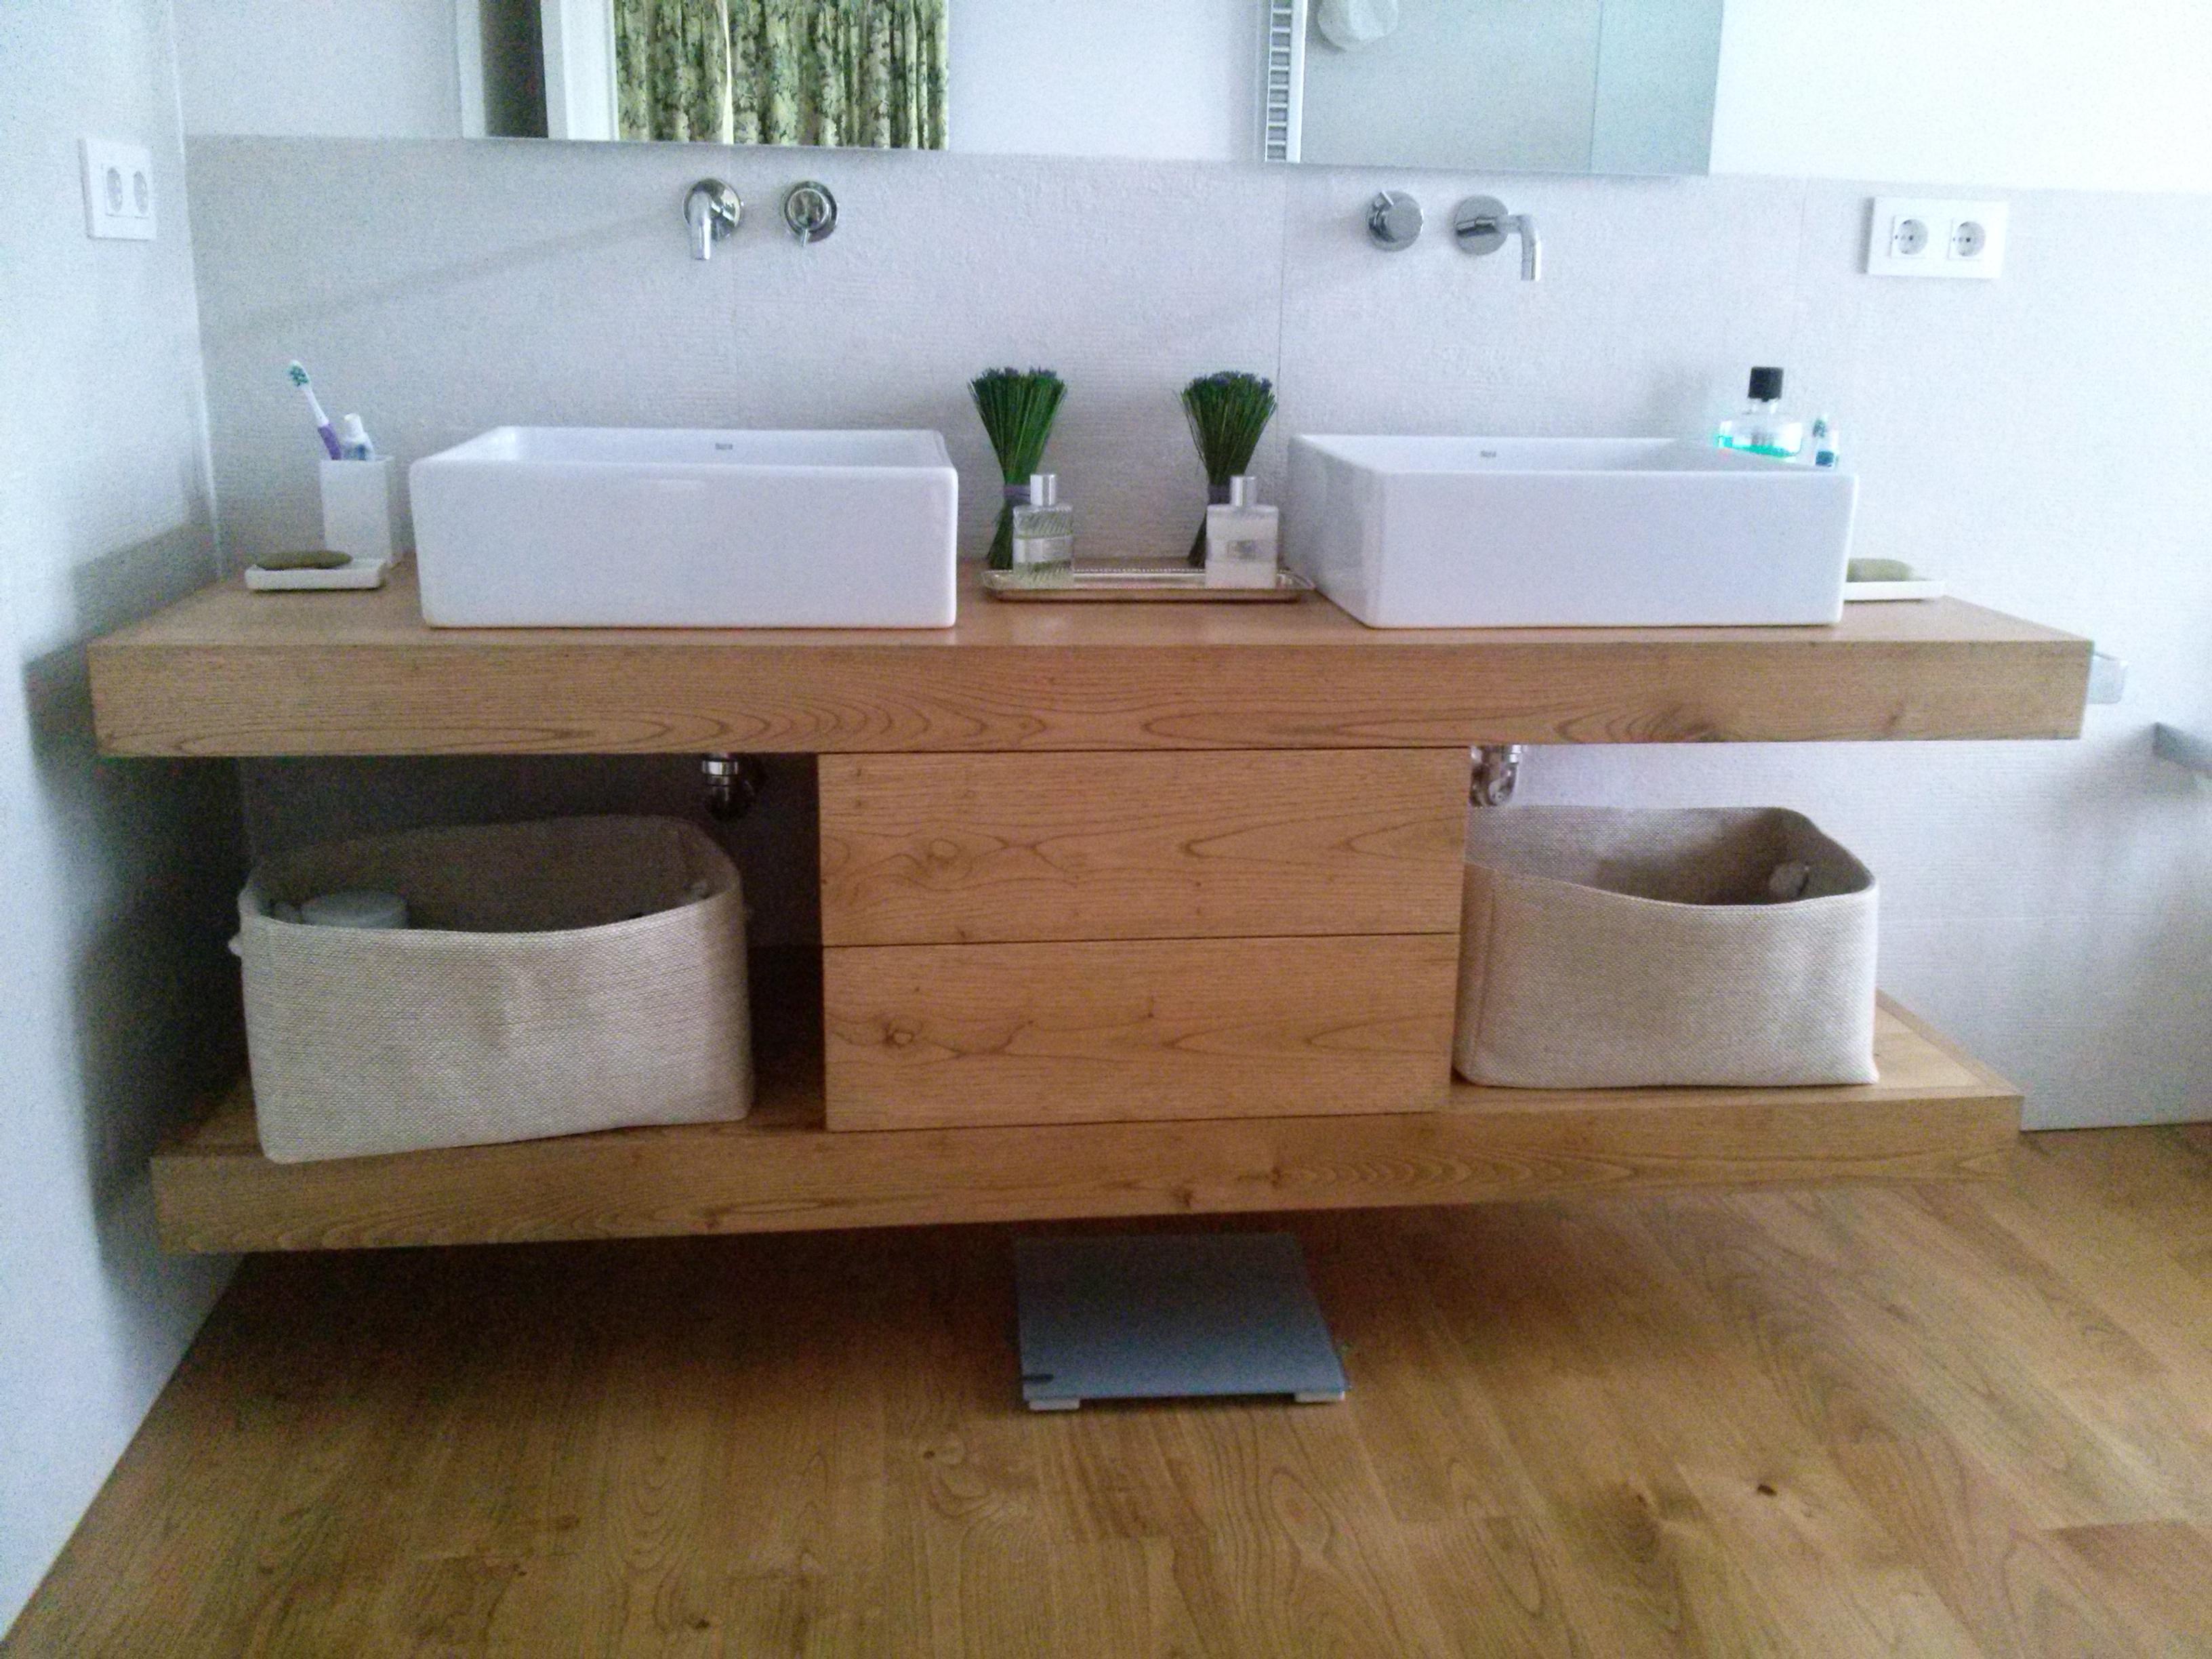 Como restaurar un mueble de bao lacado simple kitchen with como restaurar un mueble de bao - Decapar muebles barnizados ...